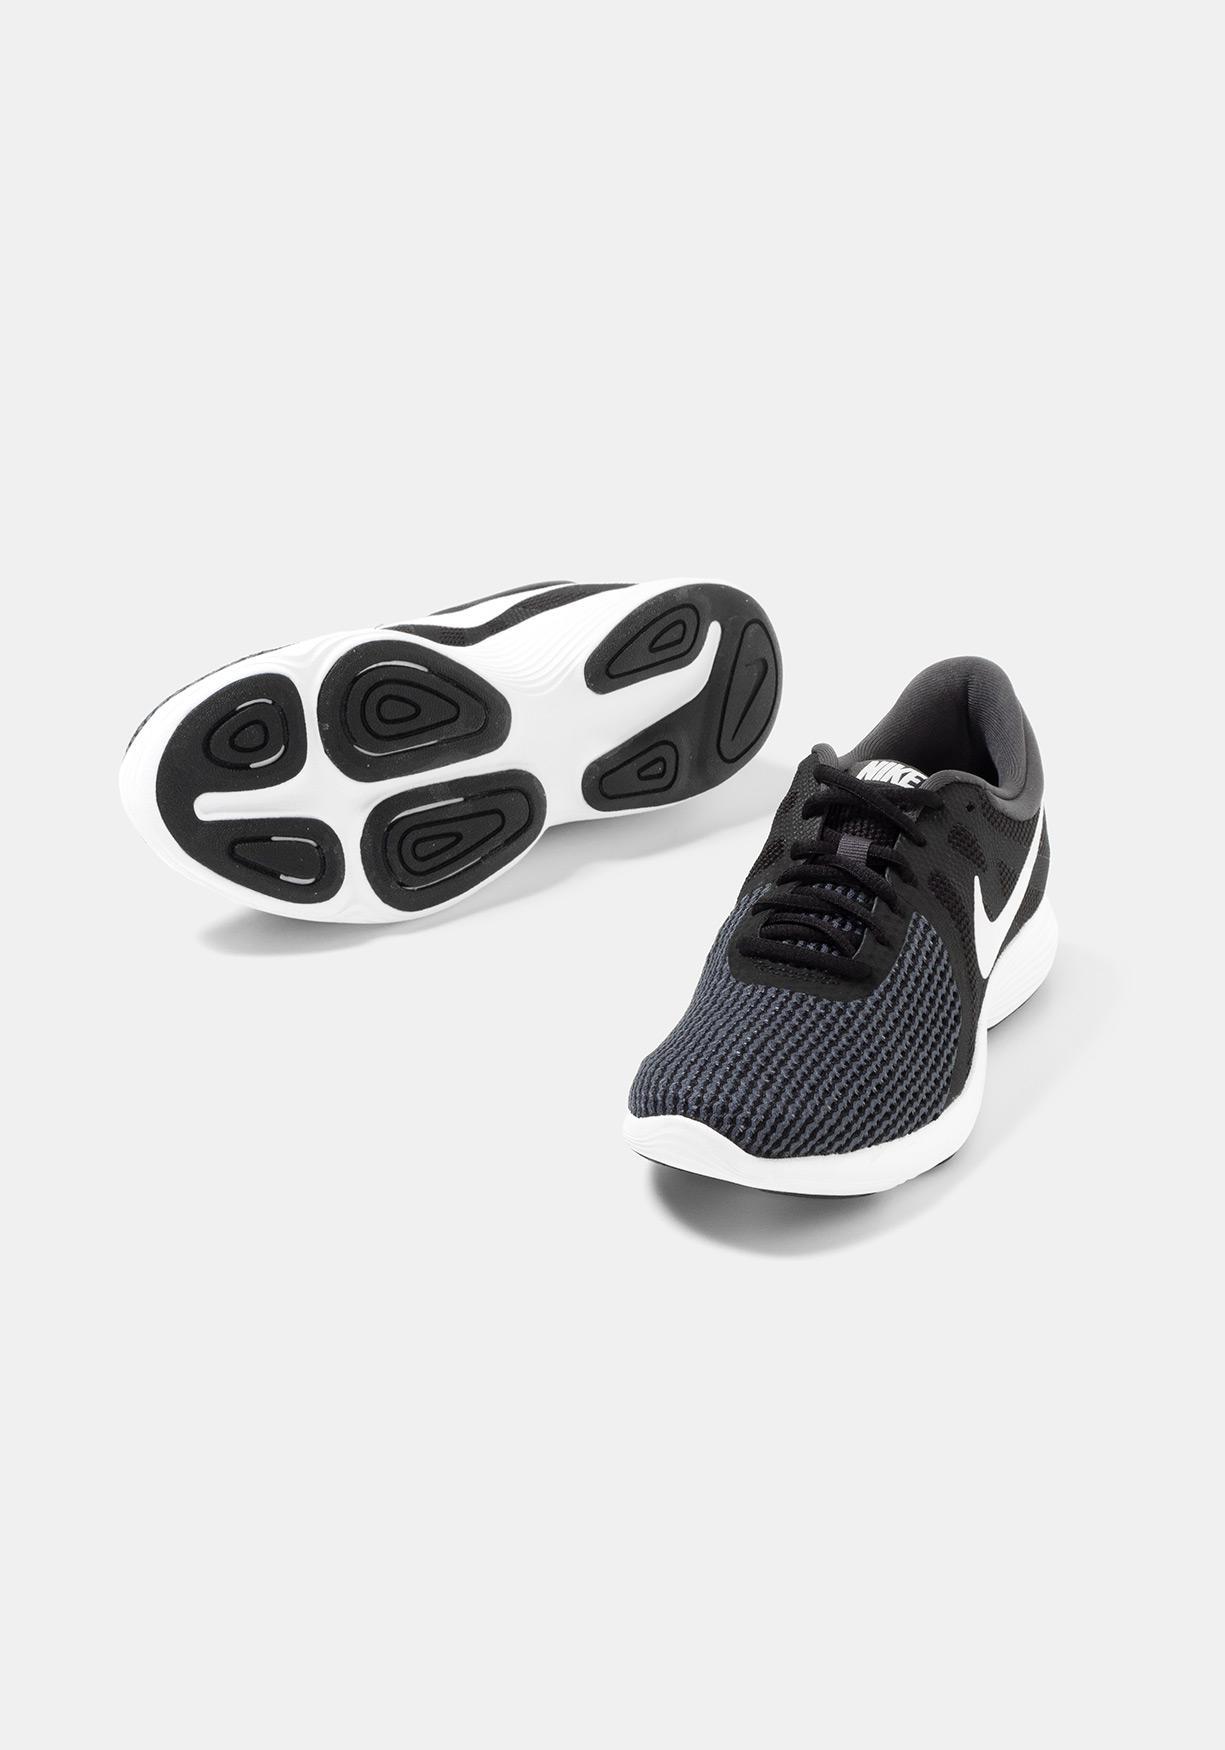 de calidad superior último orden zapatillas lona carrefour